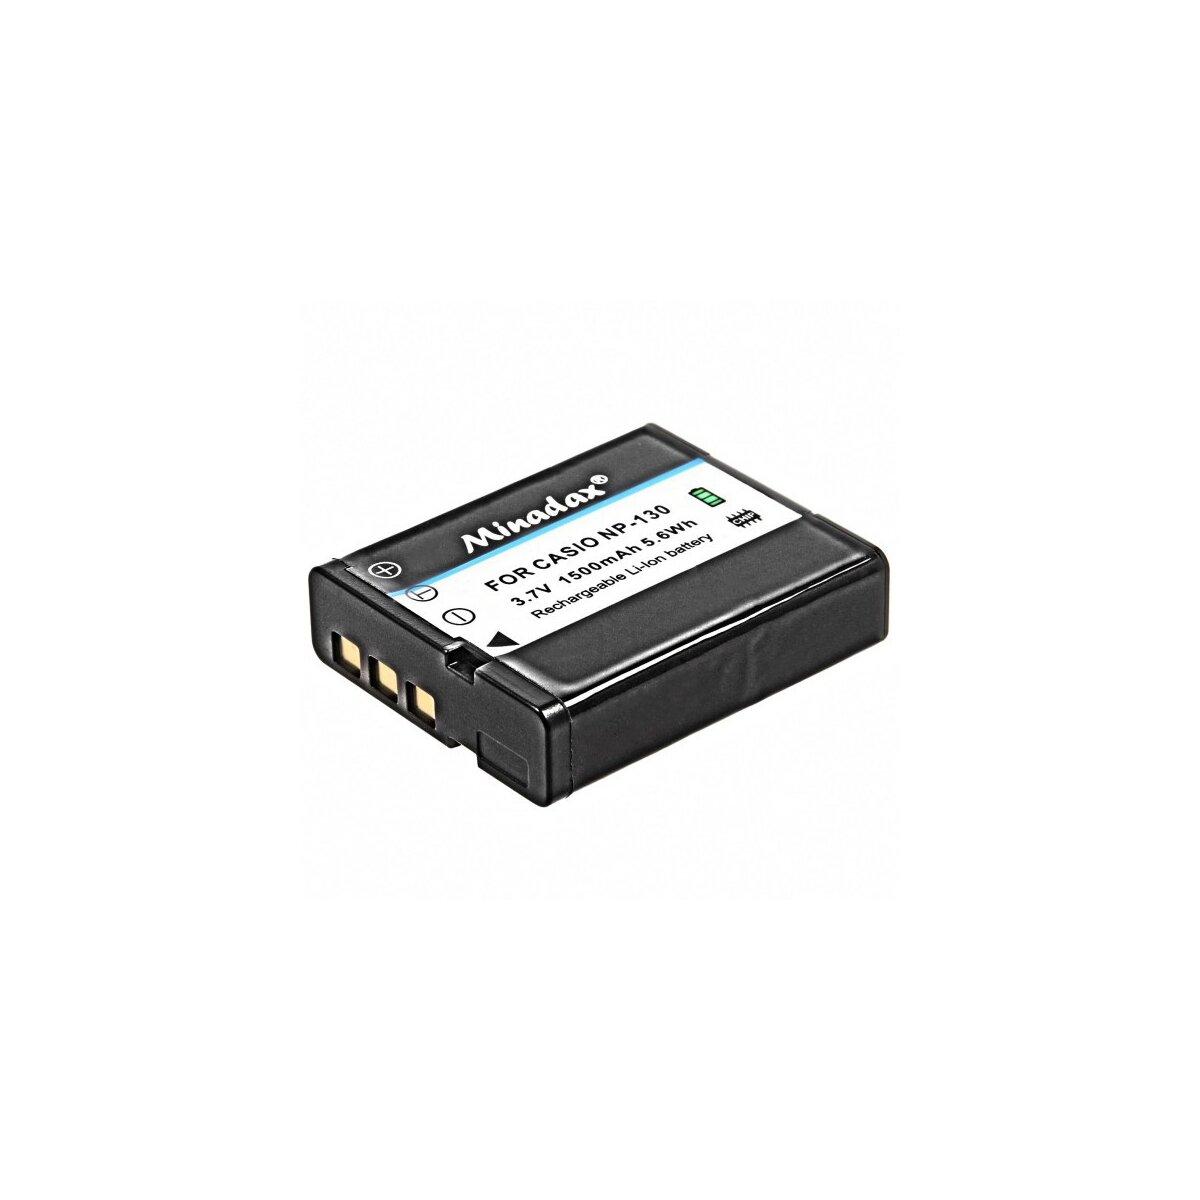 Minadax Qualitätsakku mit echten 1500 mAh kompatibel für Casio Ersatz für NP-130 - Intelligentes Akkusystem mit Chip